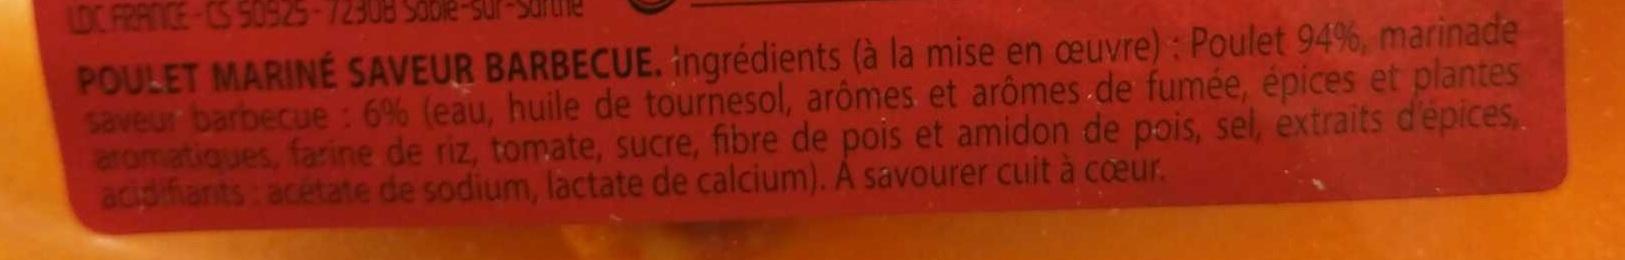 Poulet saveur Barbecue - Ingrédients - fr